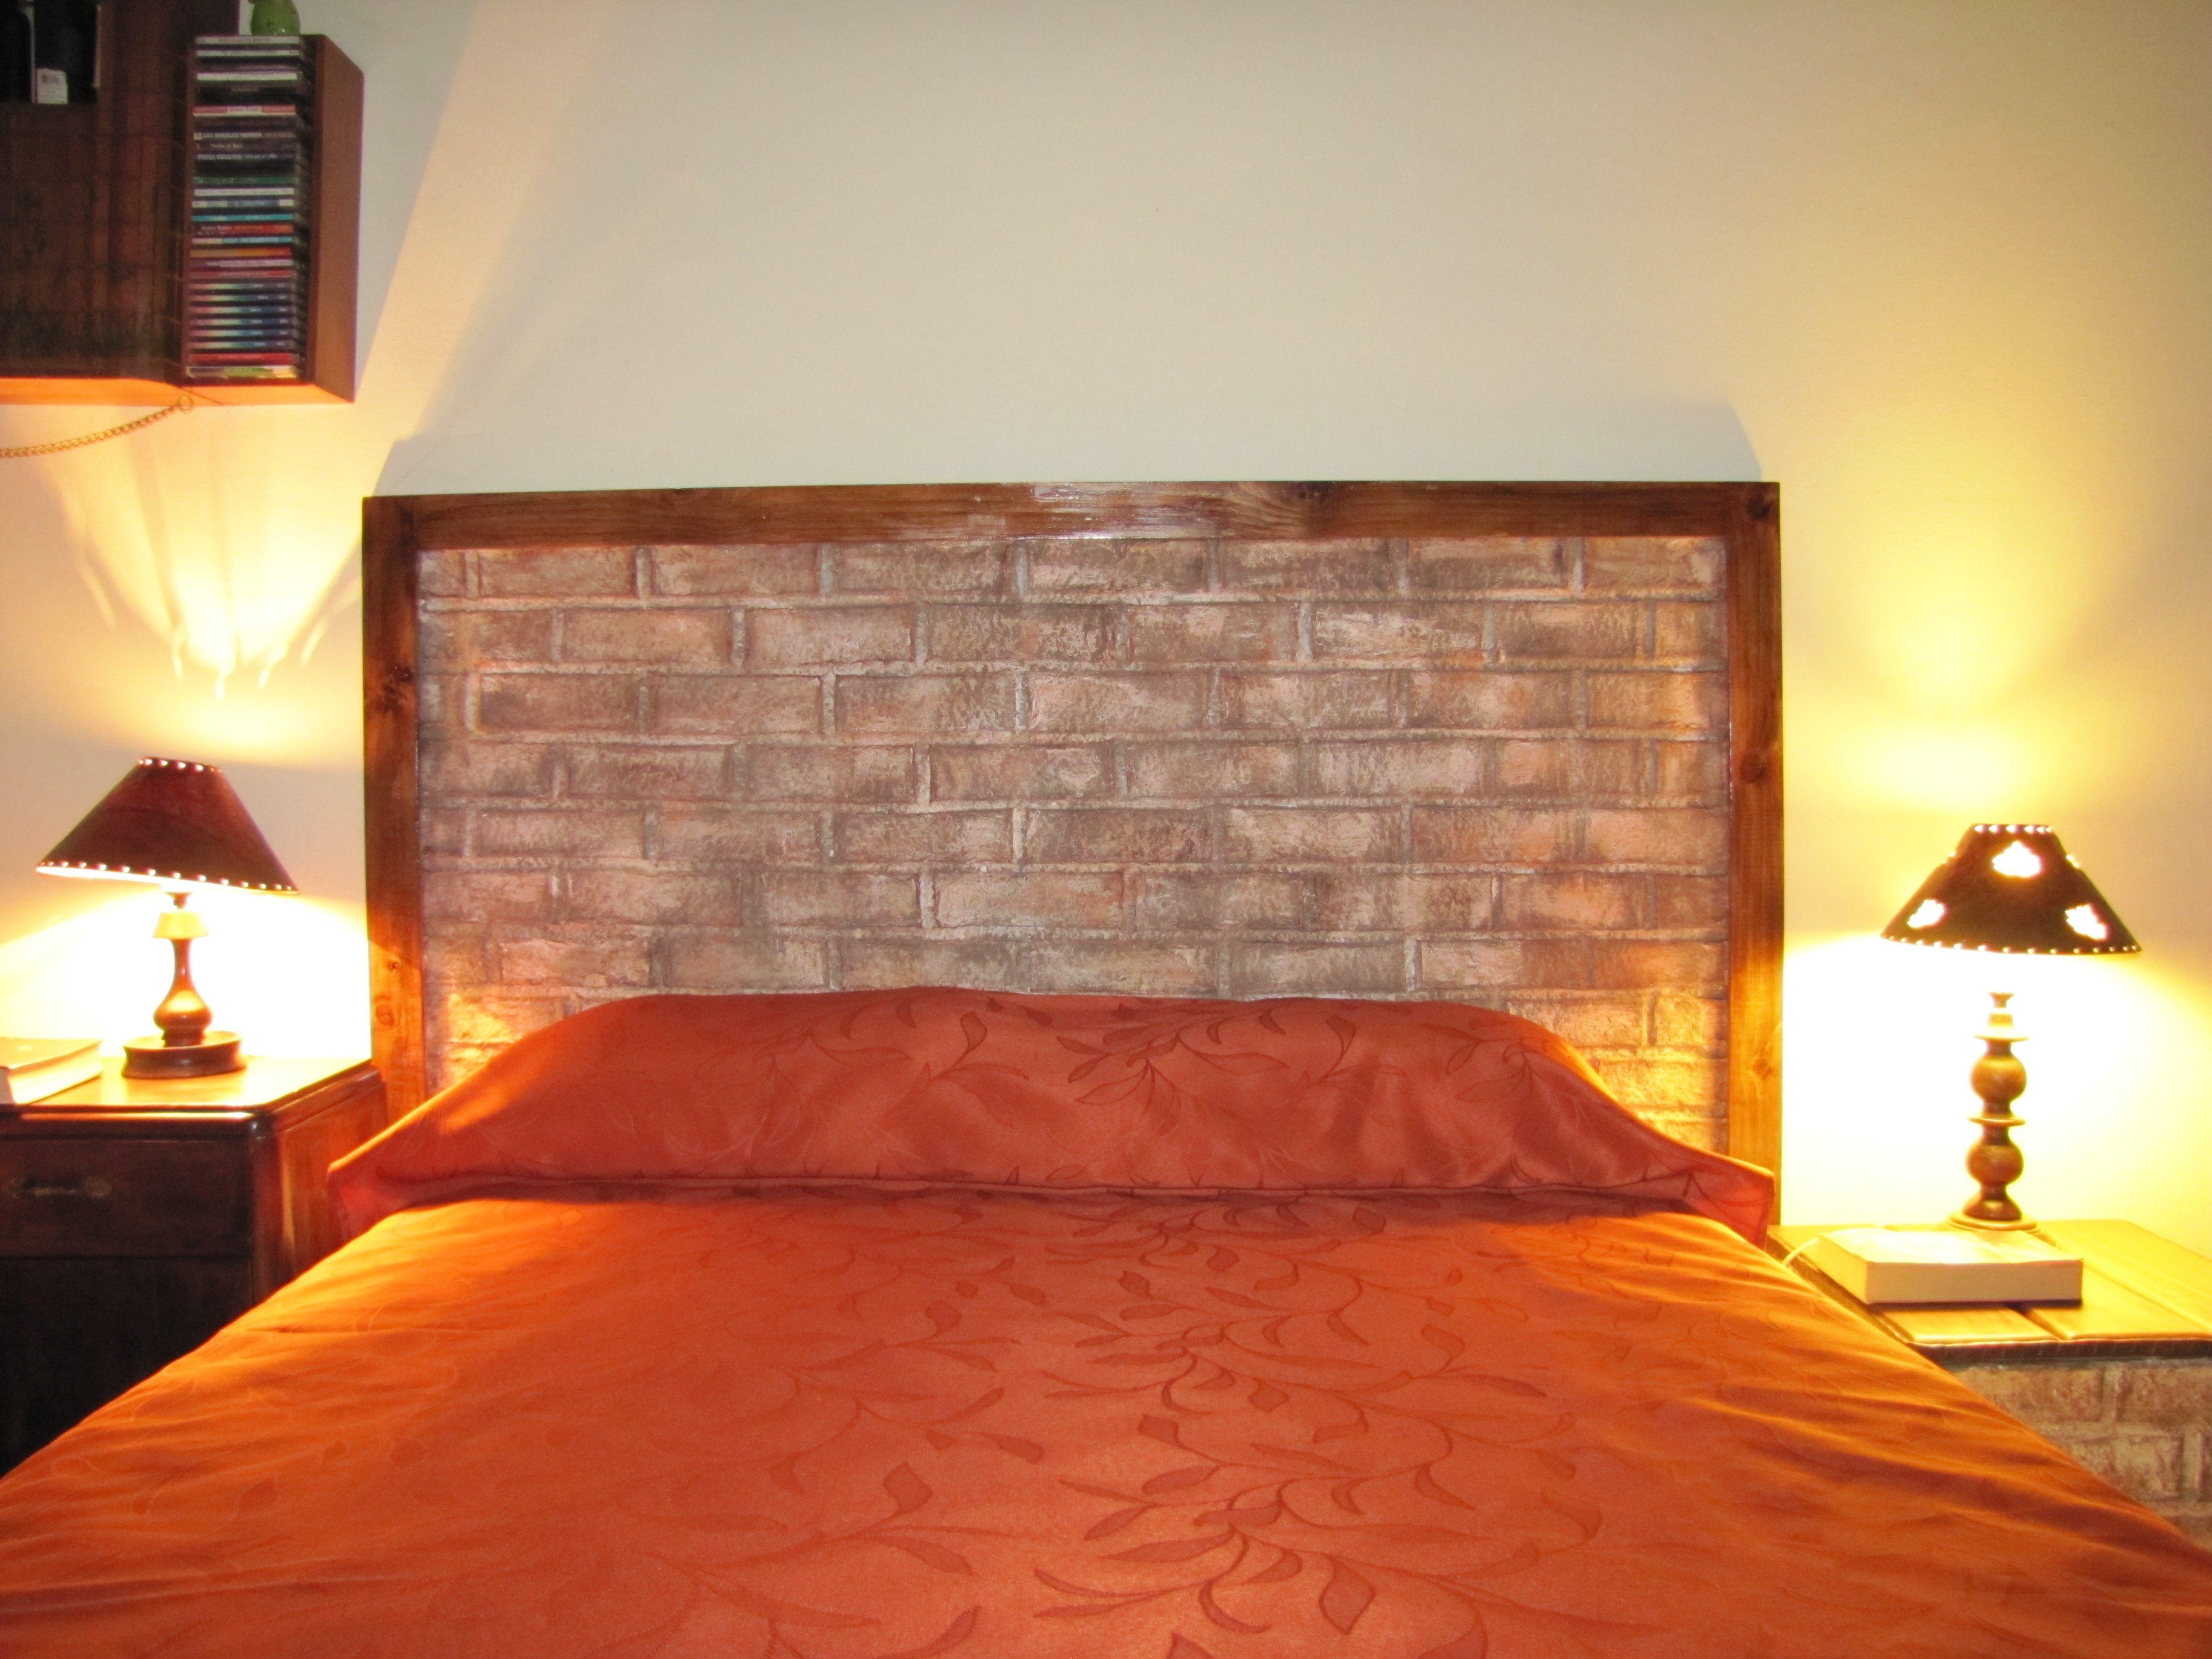 Cabecera de cama hecha con papel reciclado simulando ladrillos ...